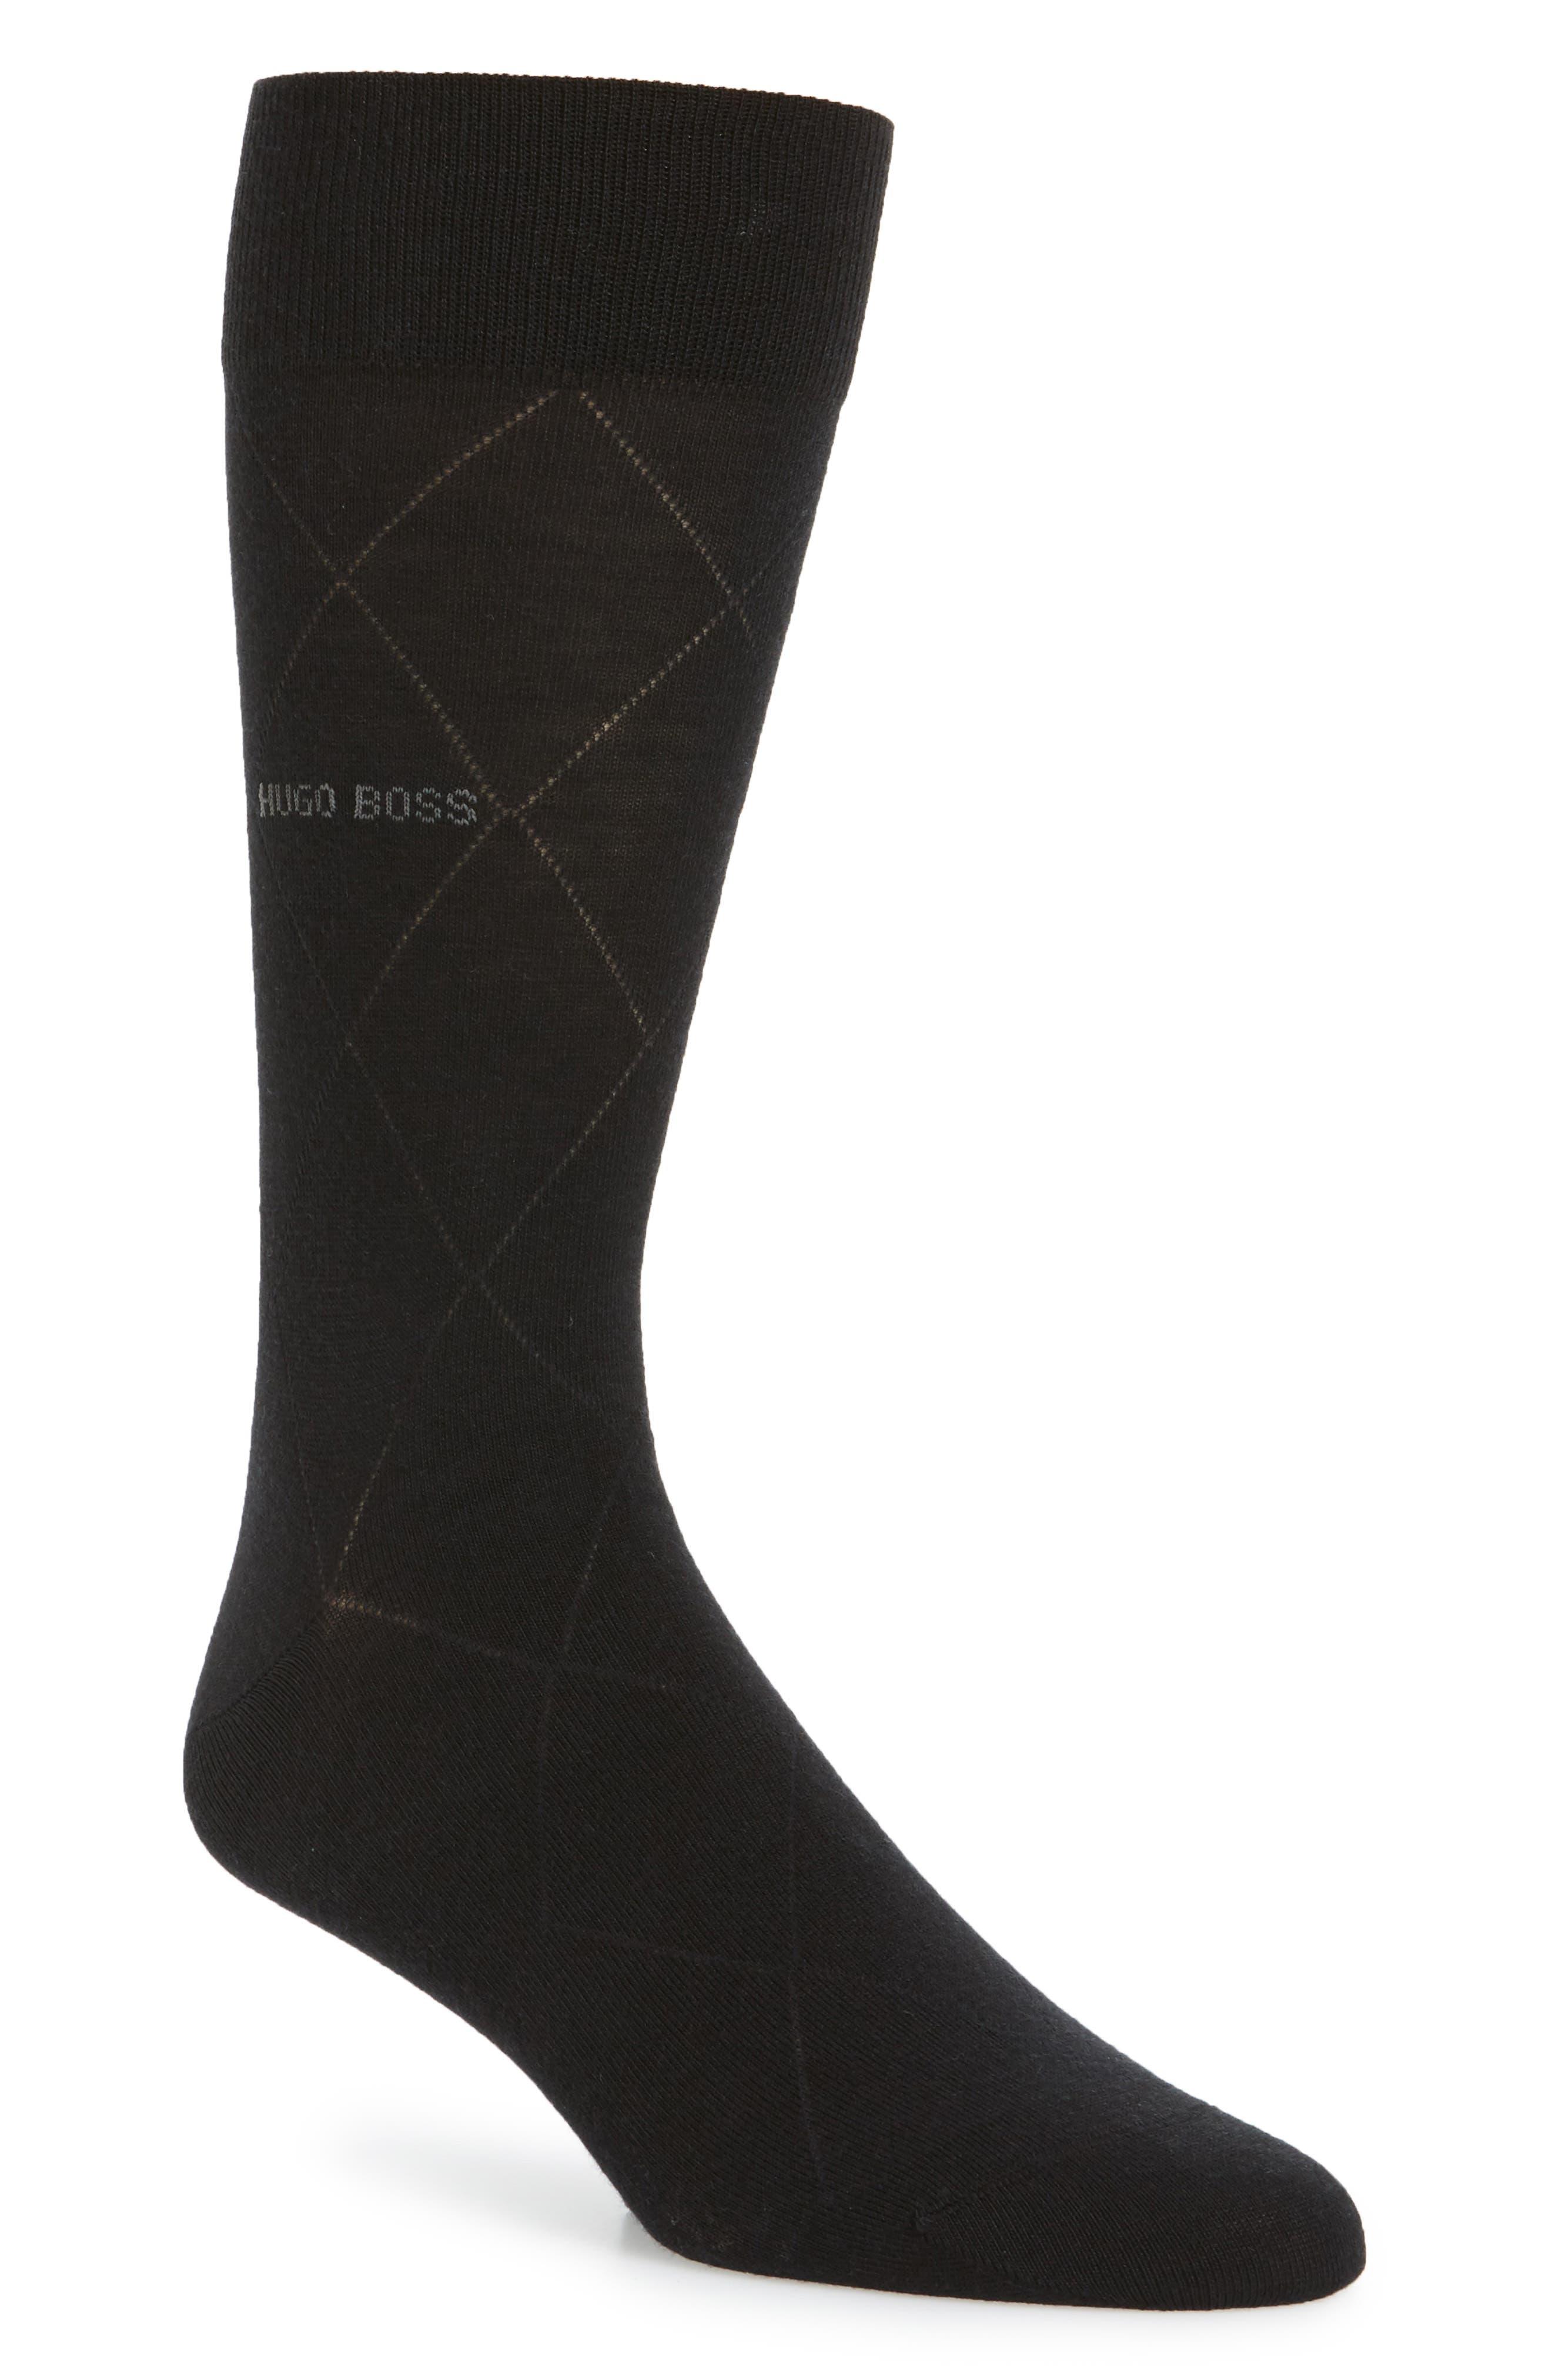 Alternate Image 1 Selected - BOSS Argyle Crew Socks